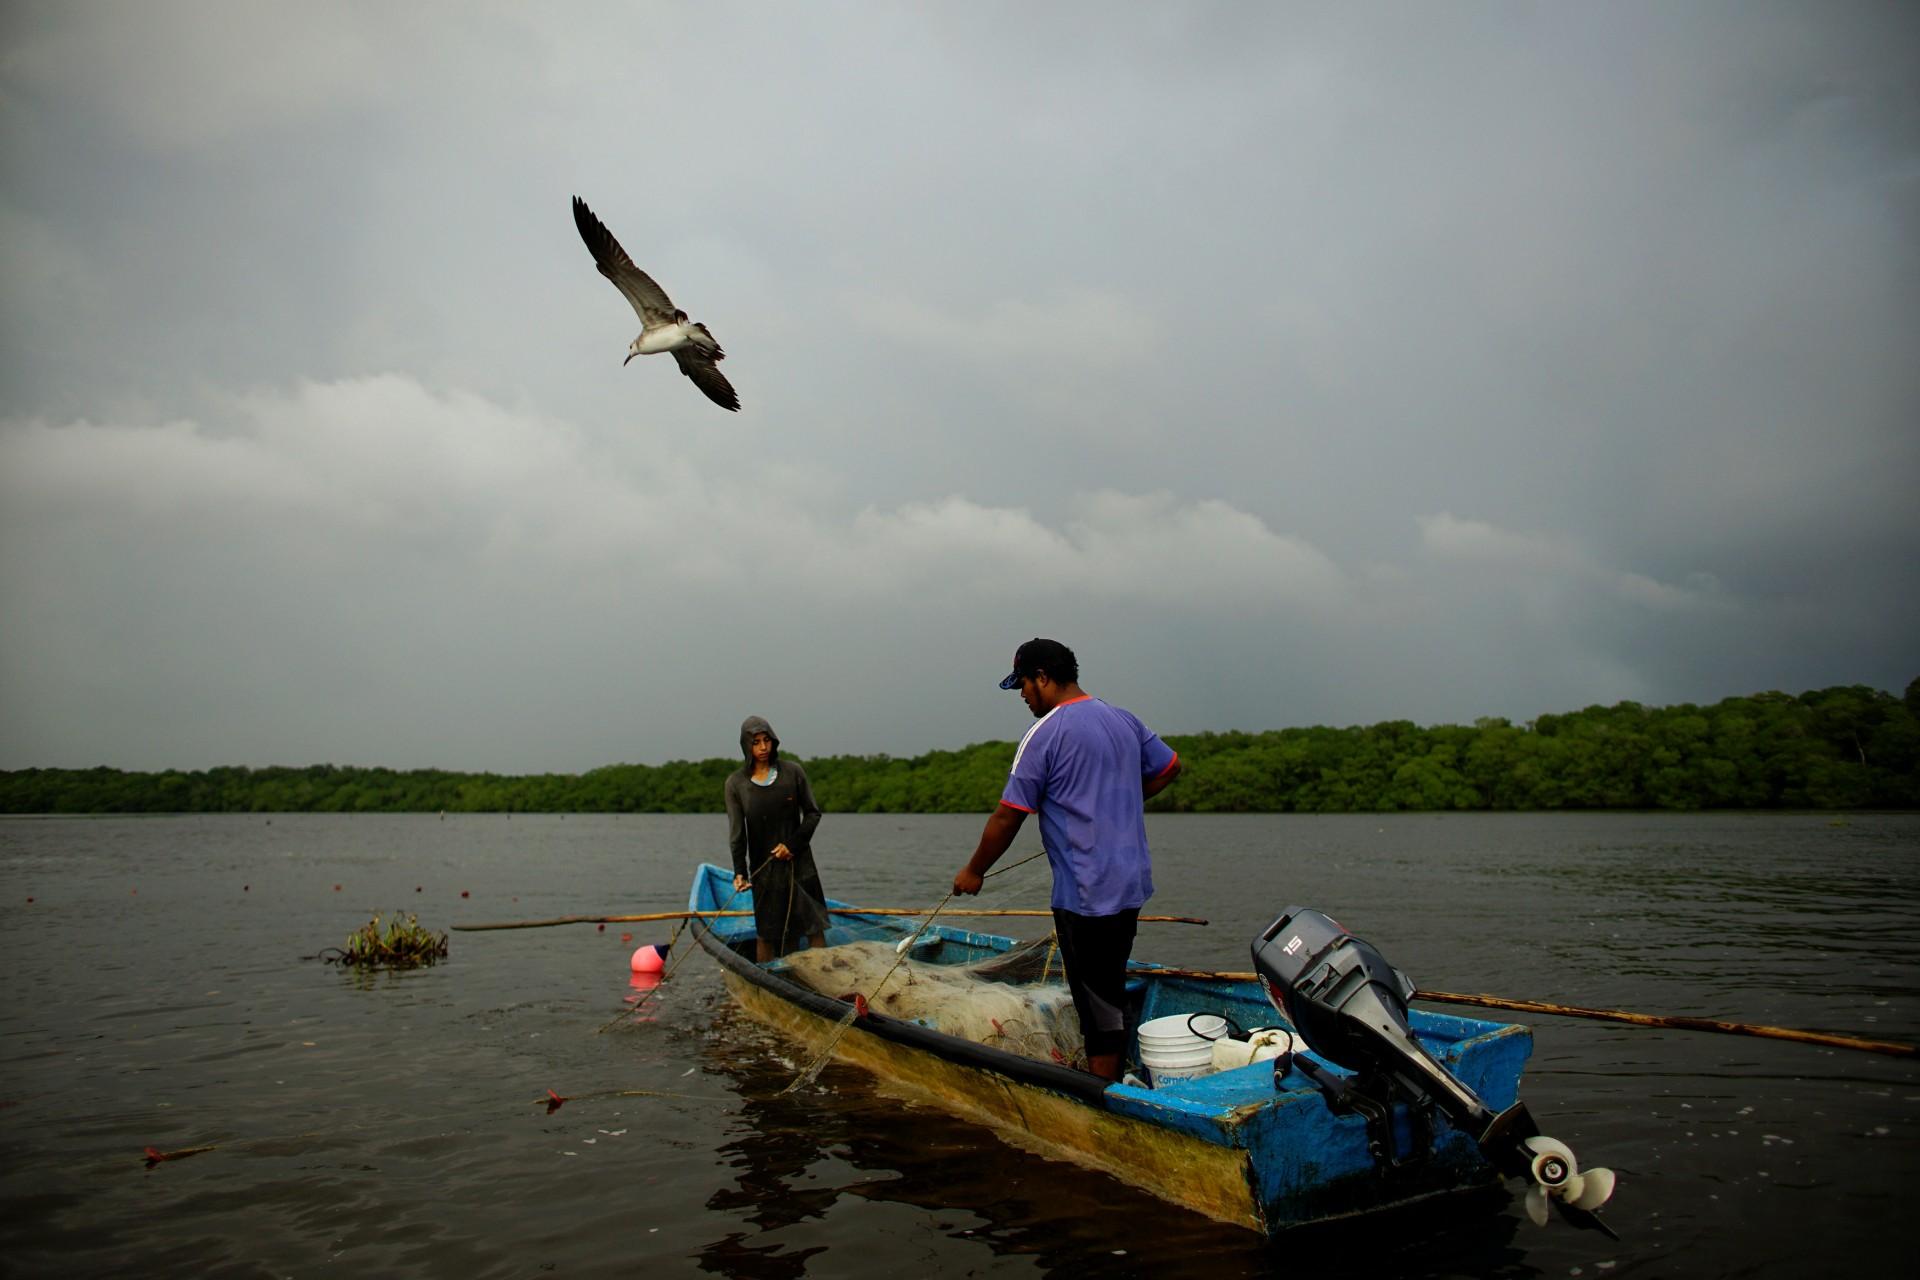 Una gaviota vuela sobre los pescadores en la laguna de Mecoacan, cerca de Paraiso, México, el 9 de diciembre de 2018.